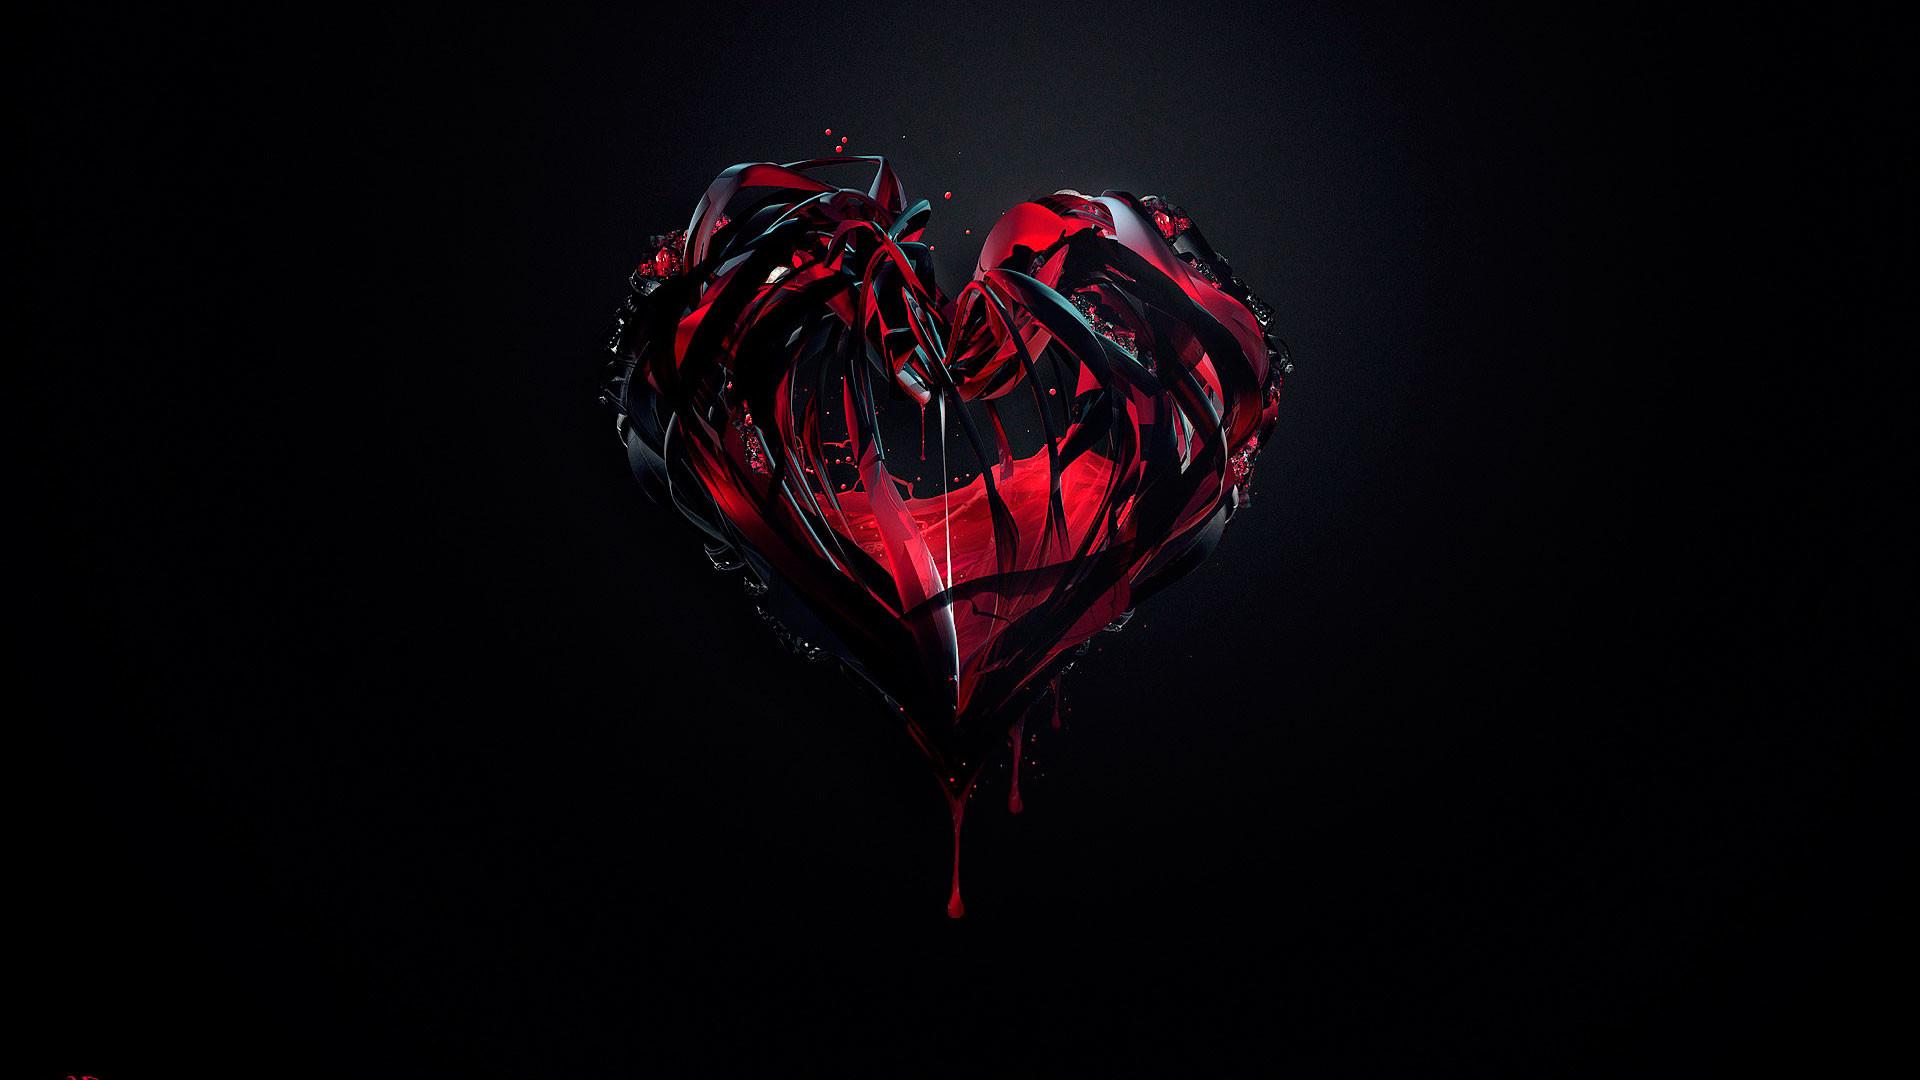 Broken Heart Wallpapers 71 Pictures